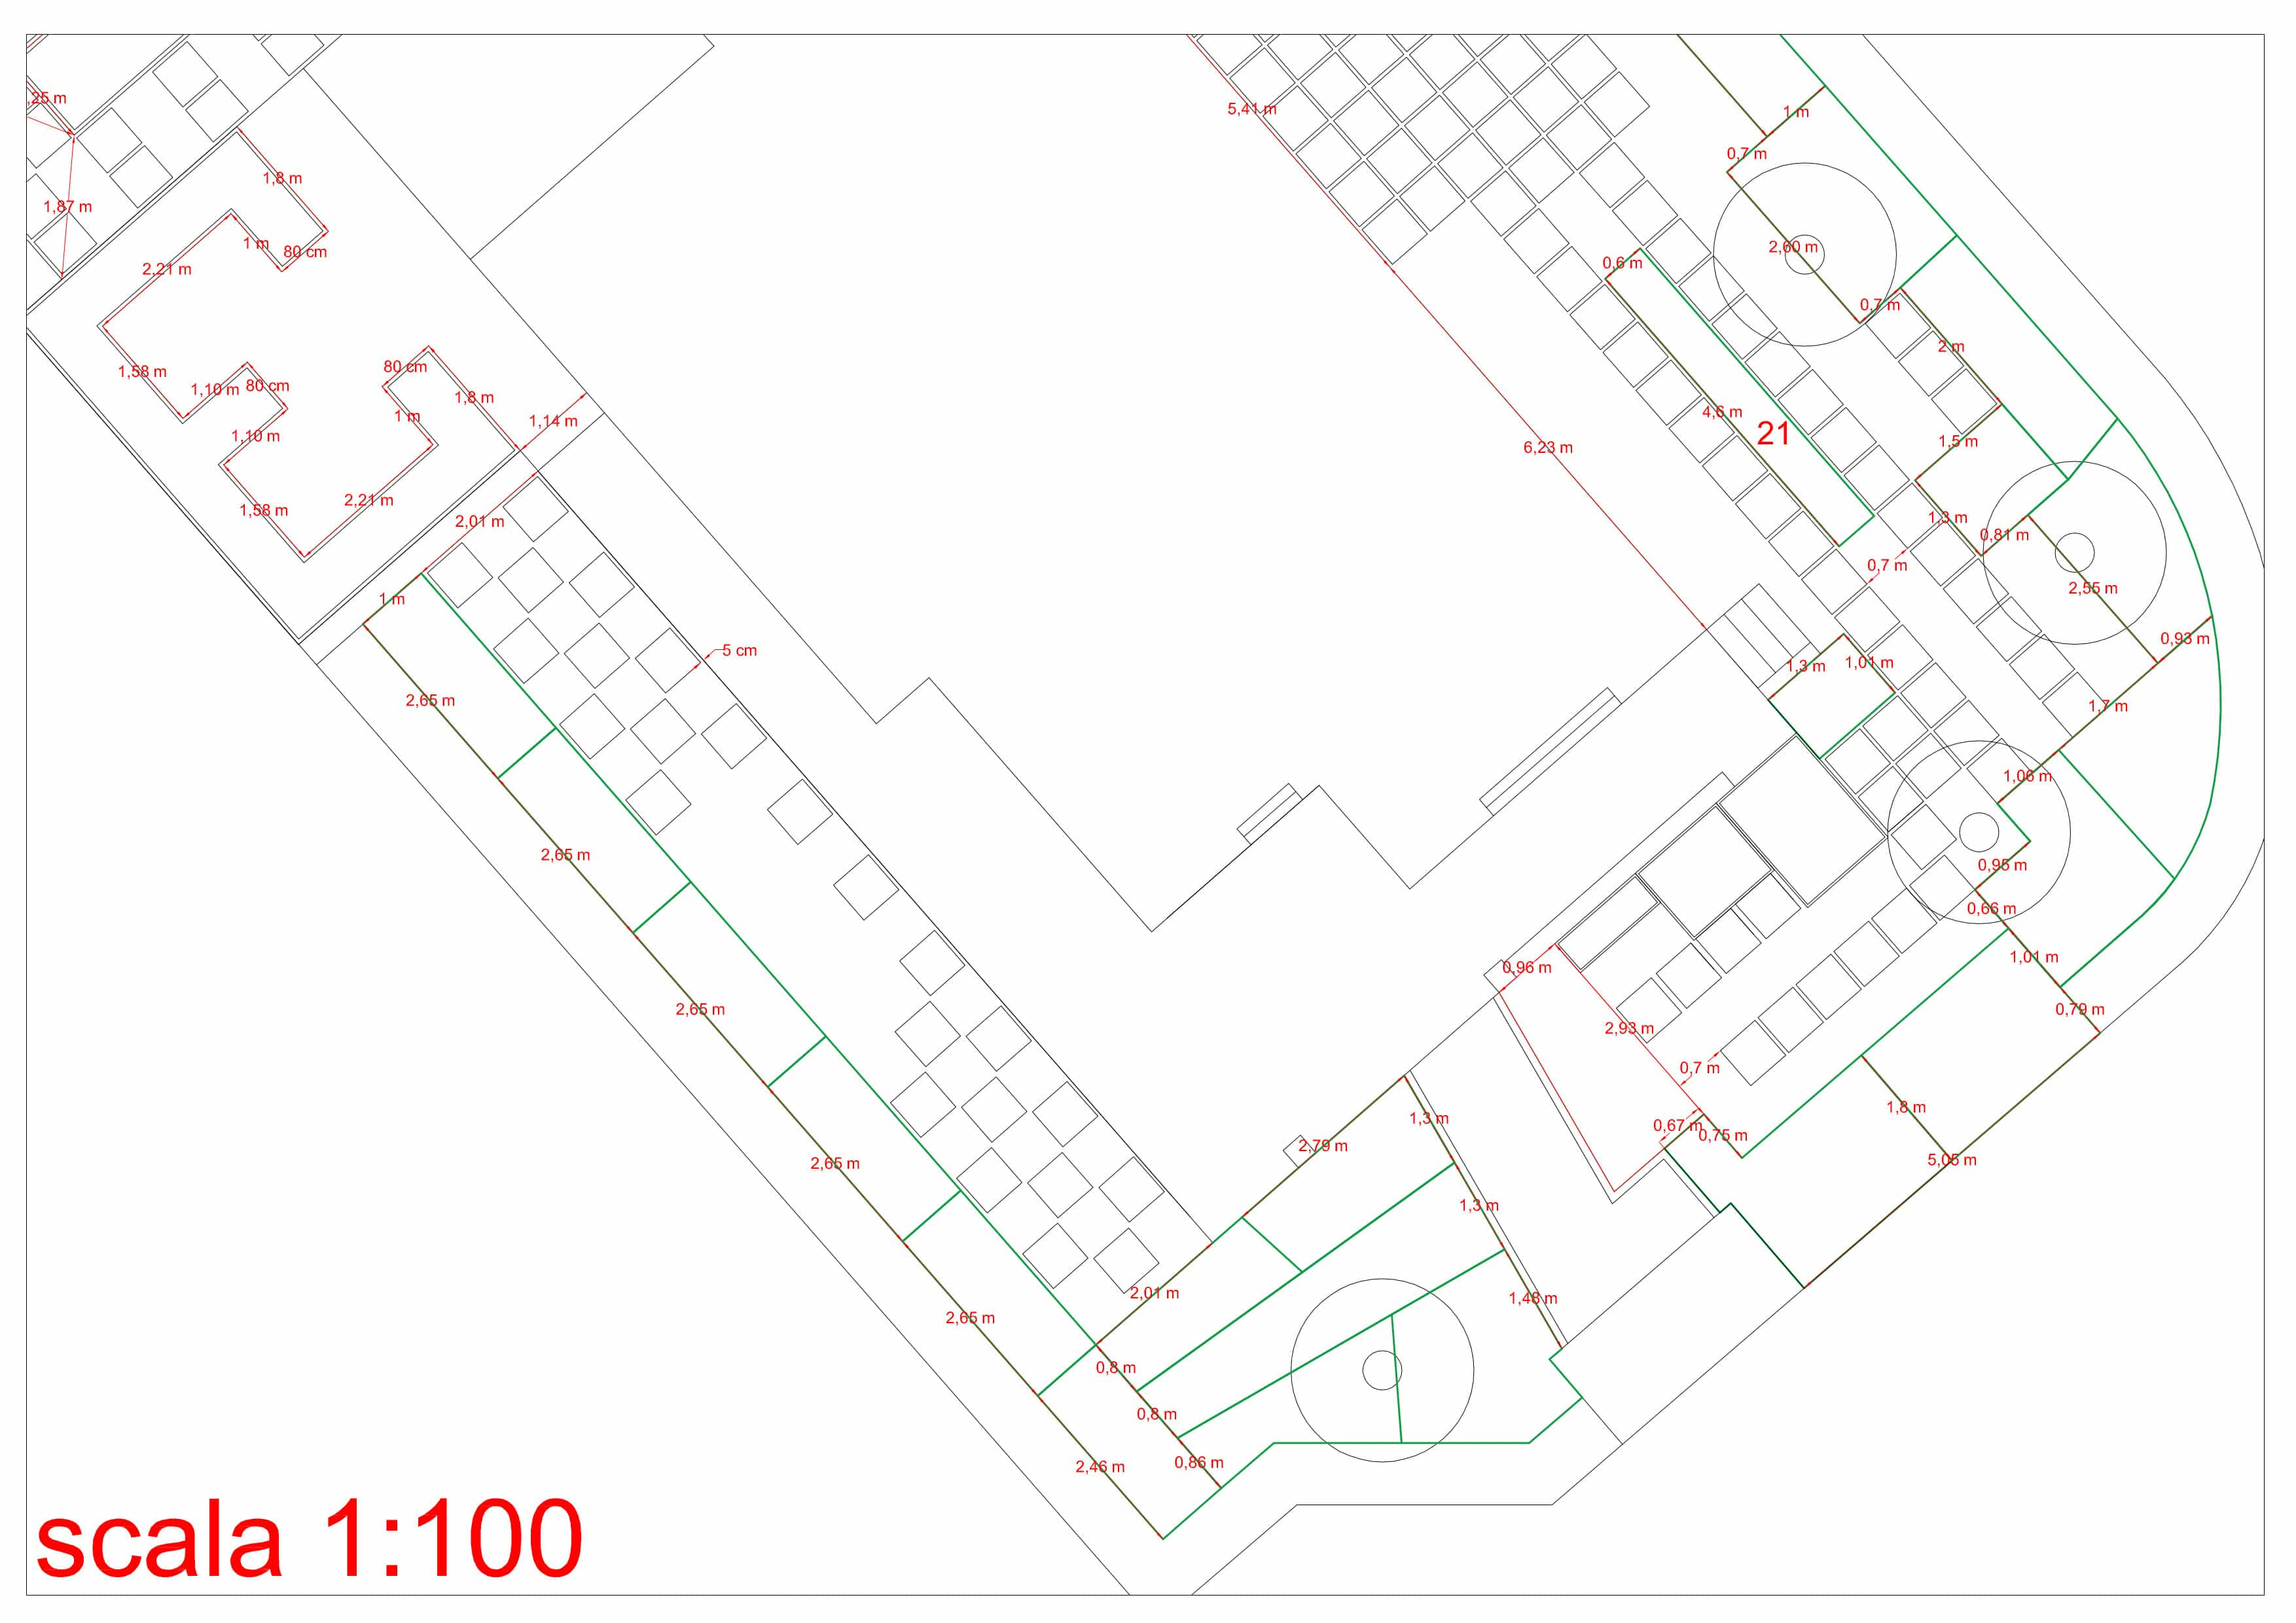 Progetti piscine archivi davide giorgi paesaggista - Tavola valdese progetti approvati 2015 ...